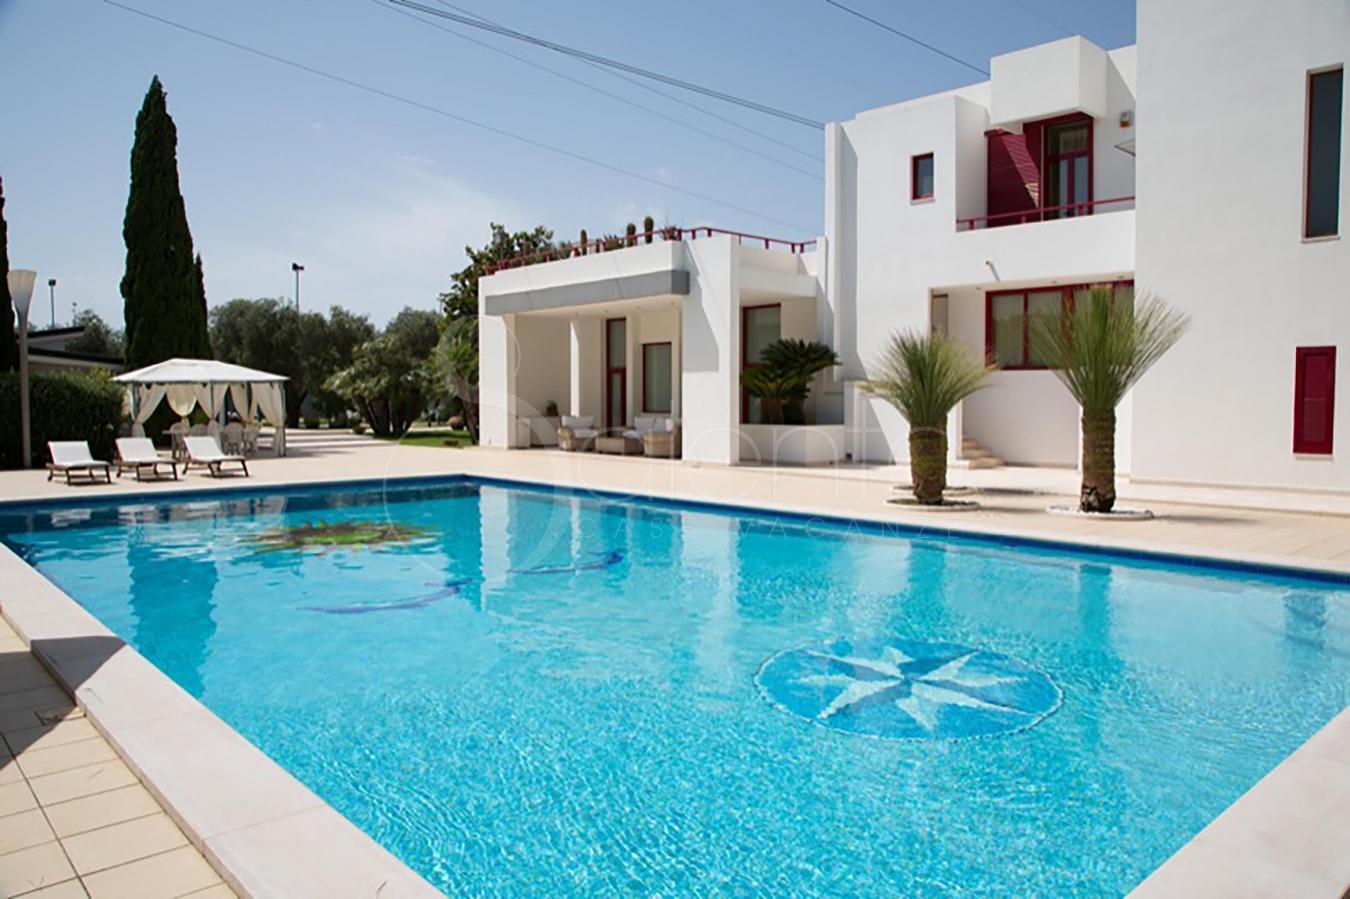 Casa vacanze con piscina nel salento a lecce villa - Casa vacanza con piscina salento ...